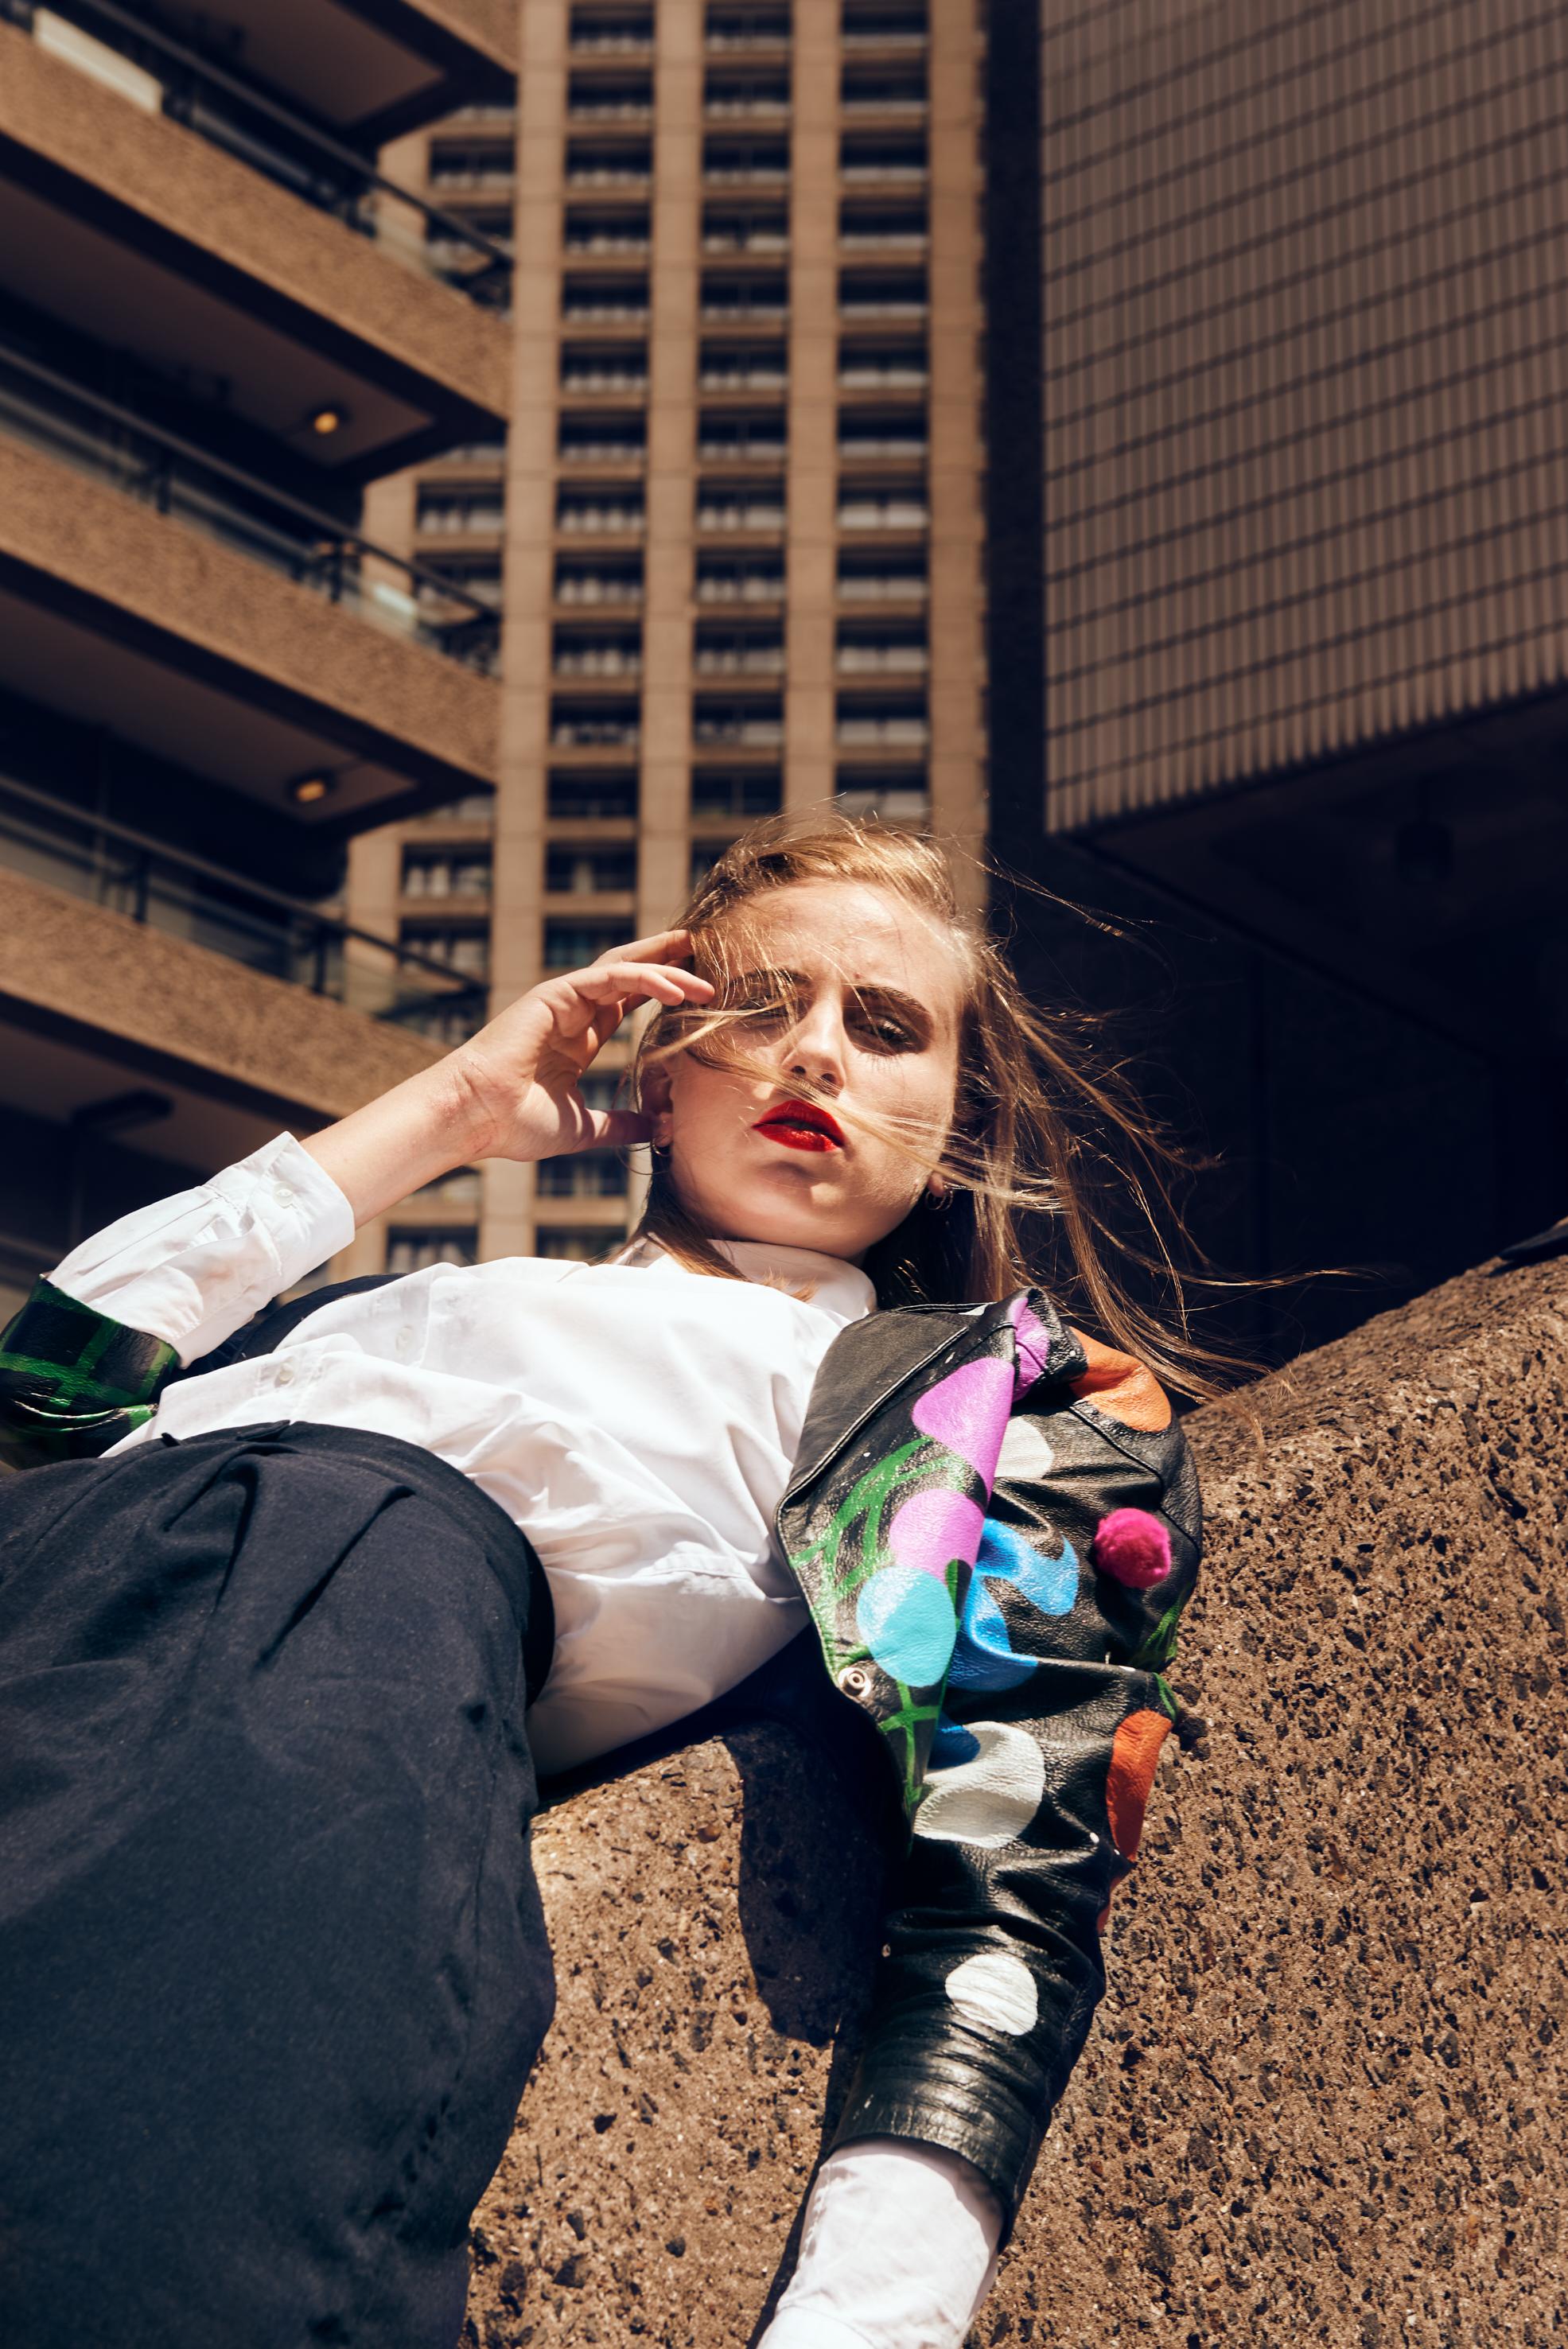 Josh John Fashion photographer in London